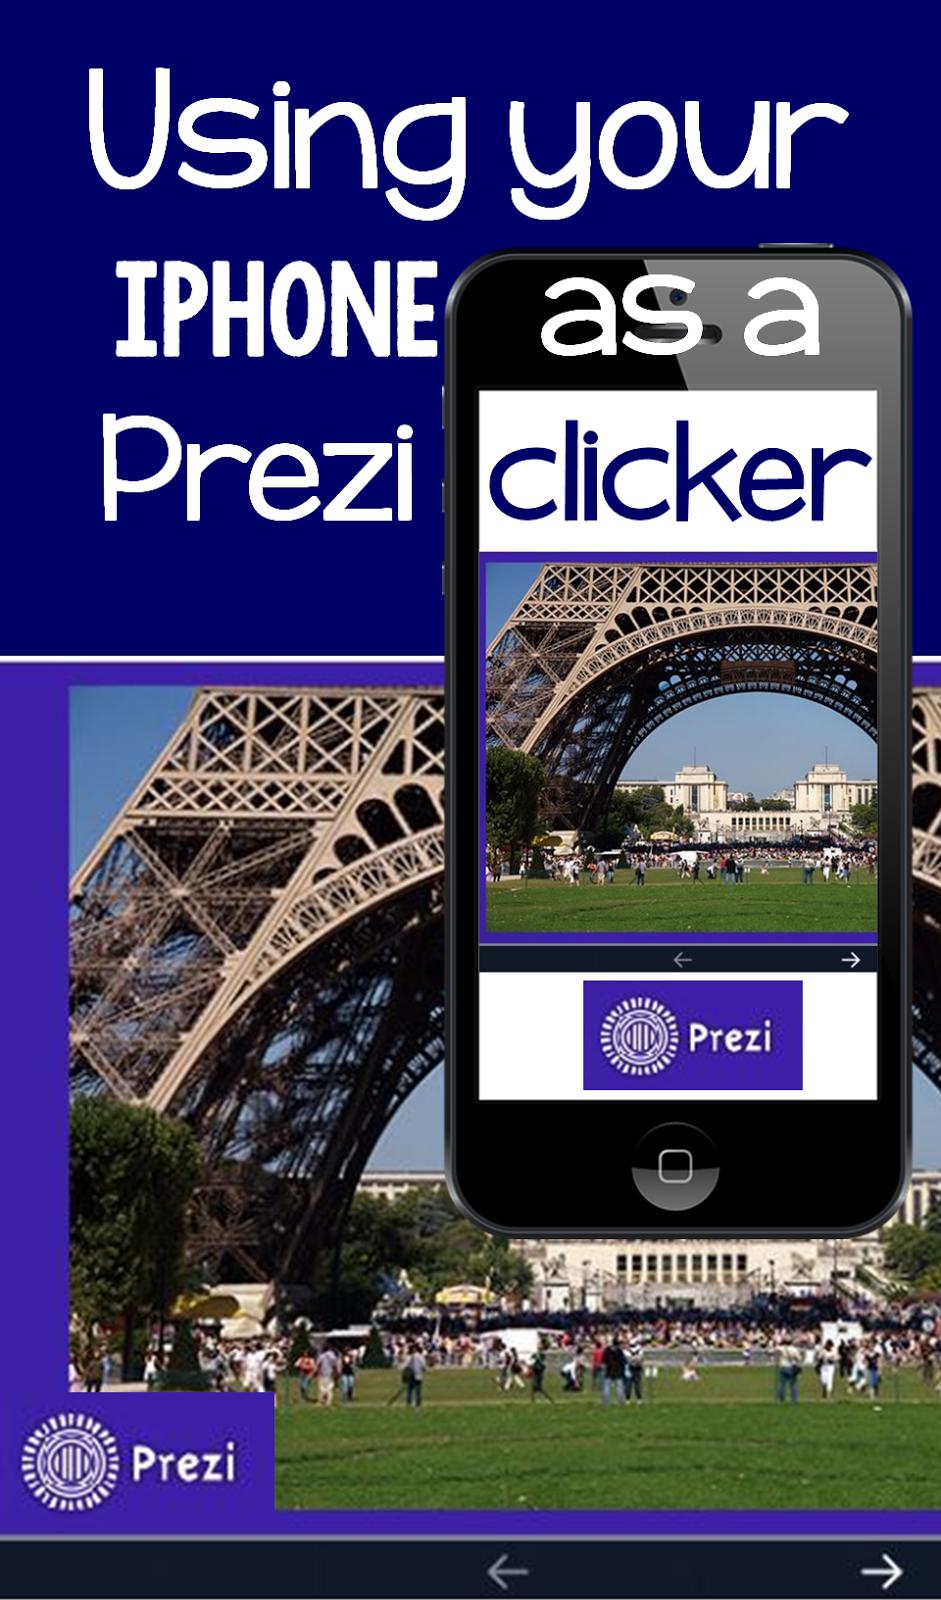 iphone prezi clicker